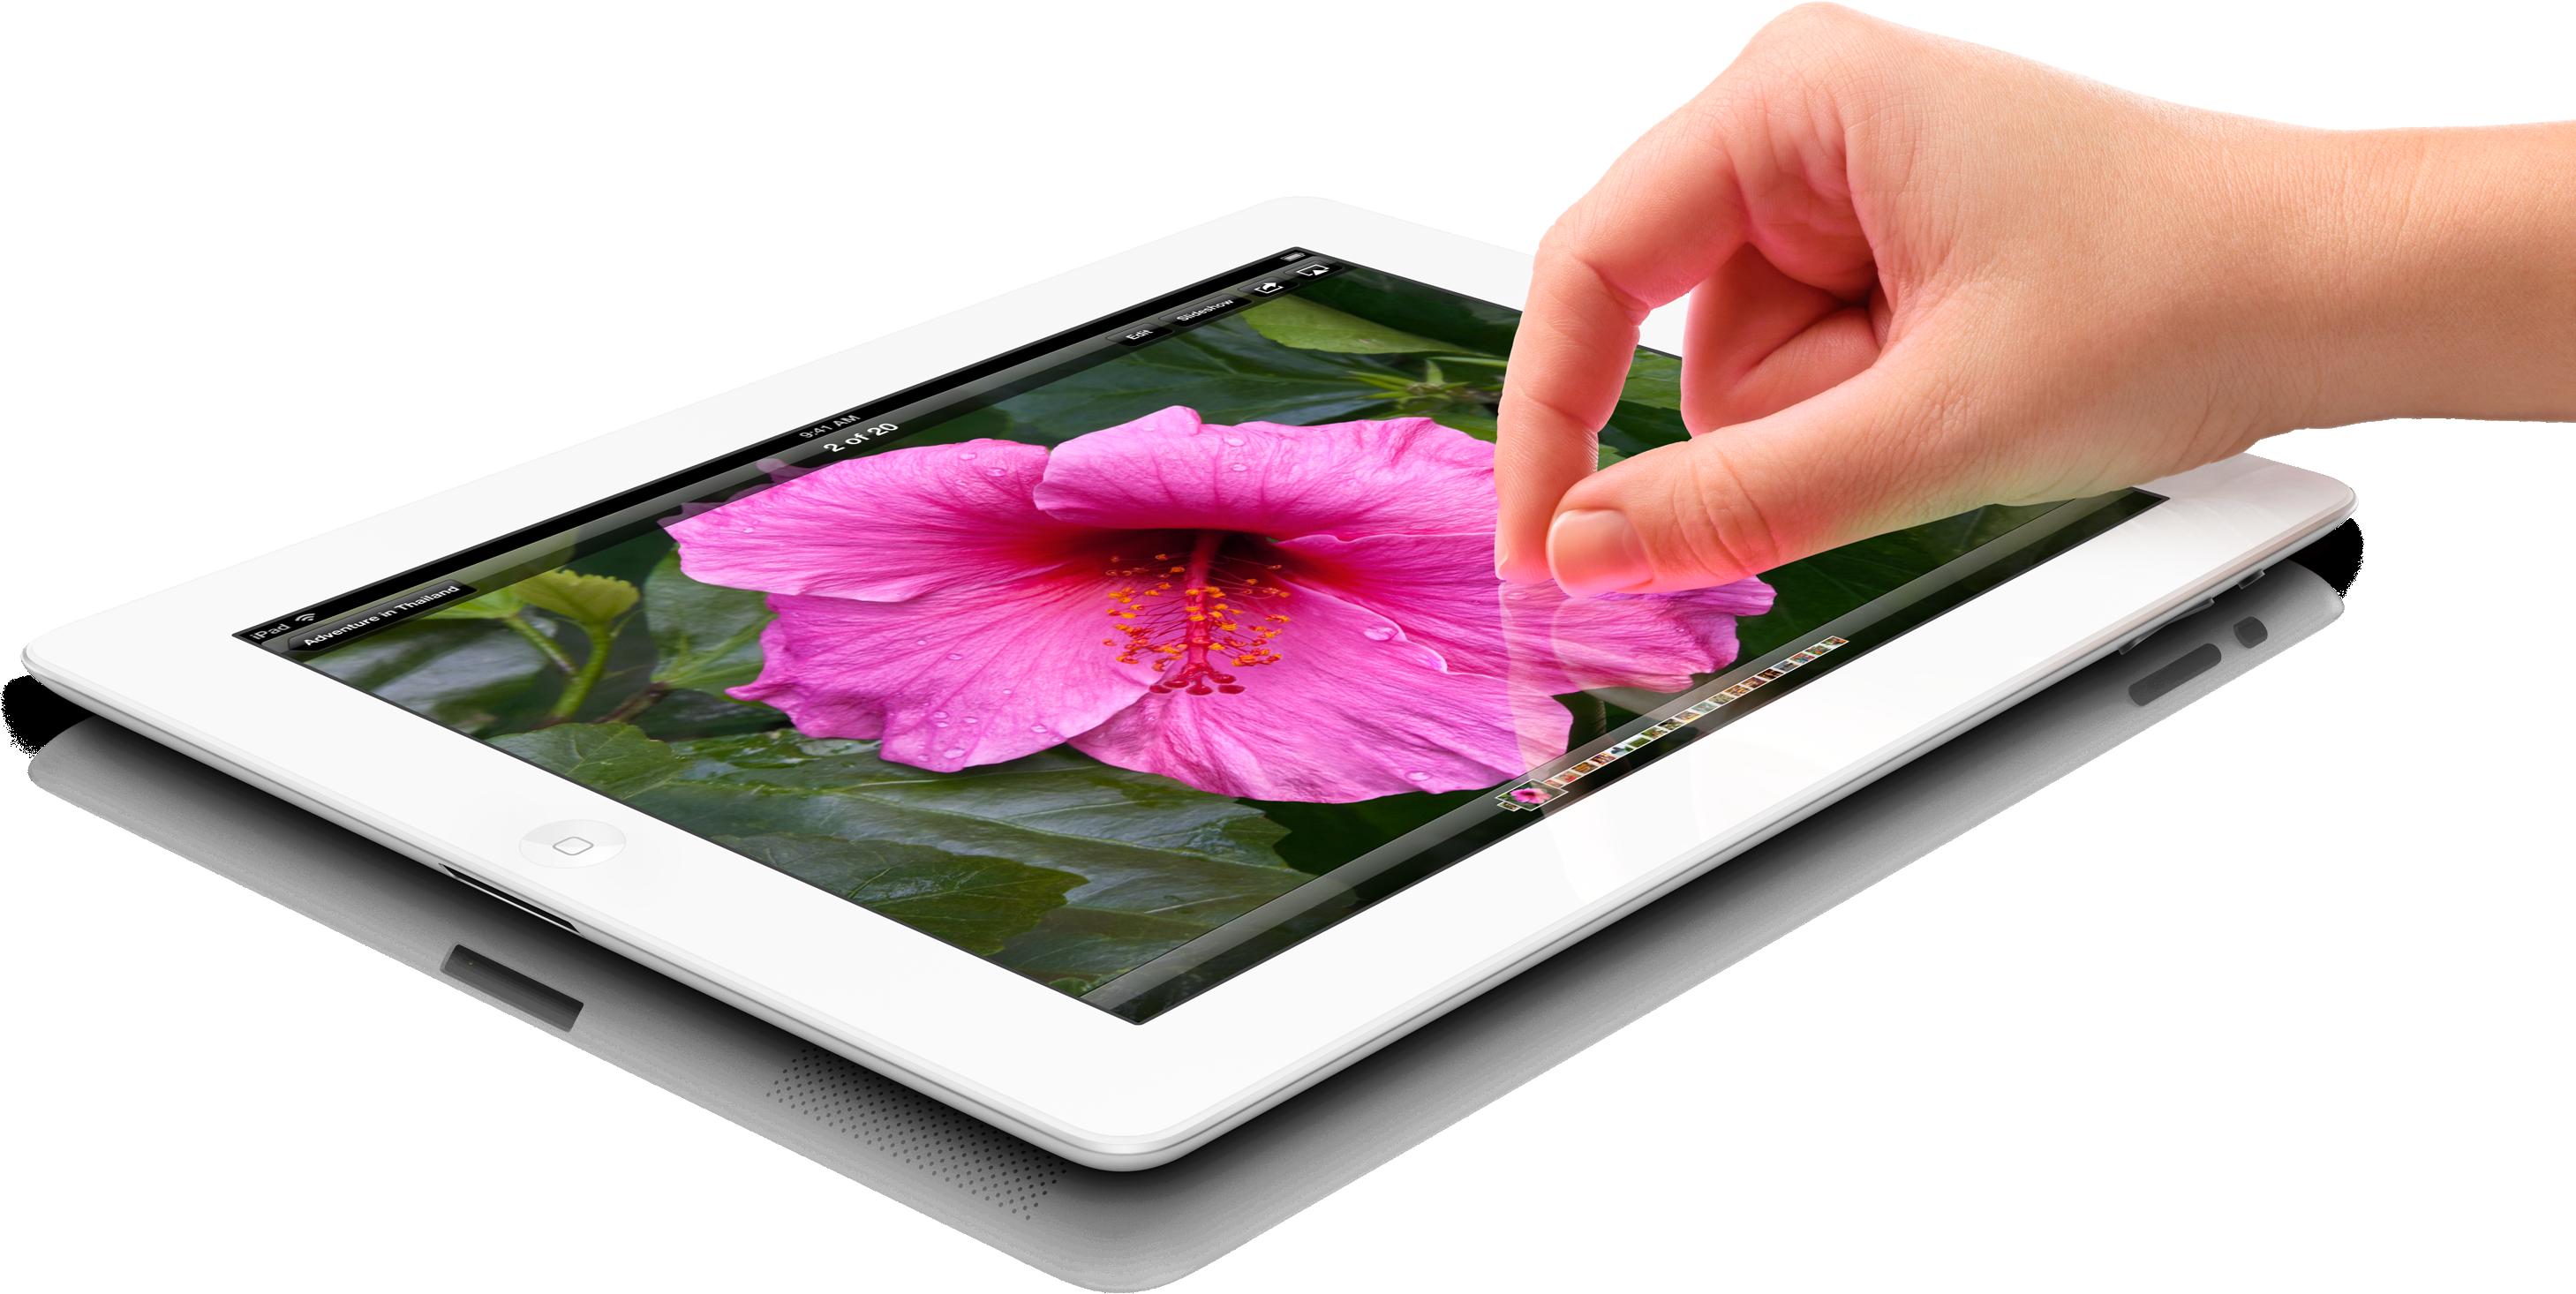 iPad de lado com mão